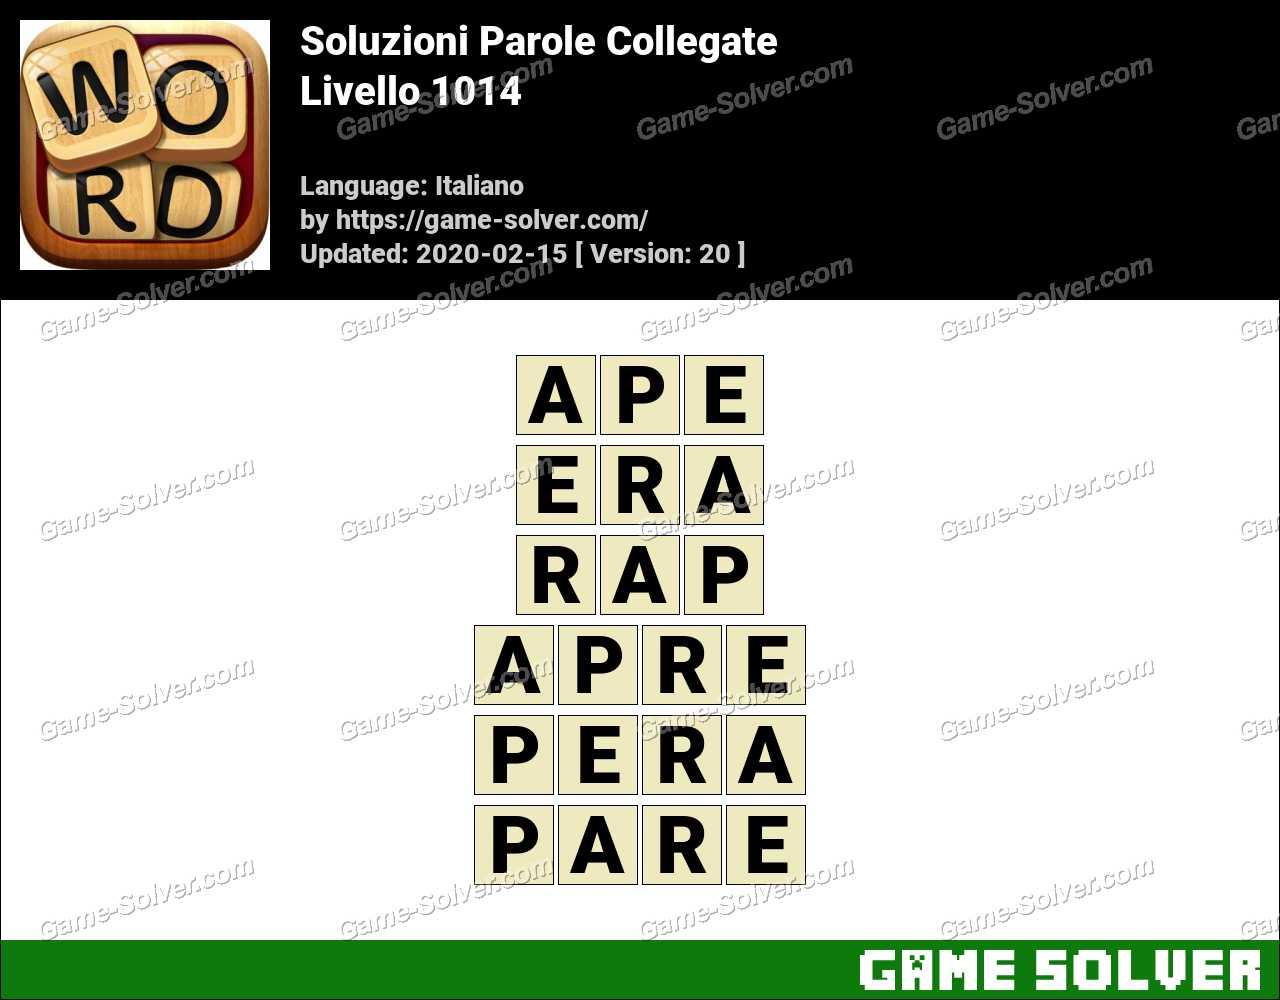 Soluzioni Parole Collegate Livello 1014